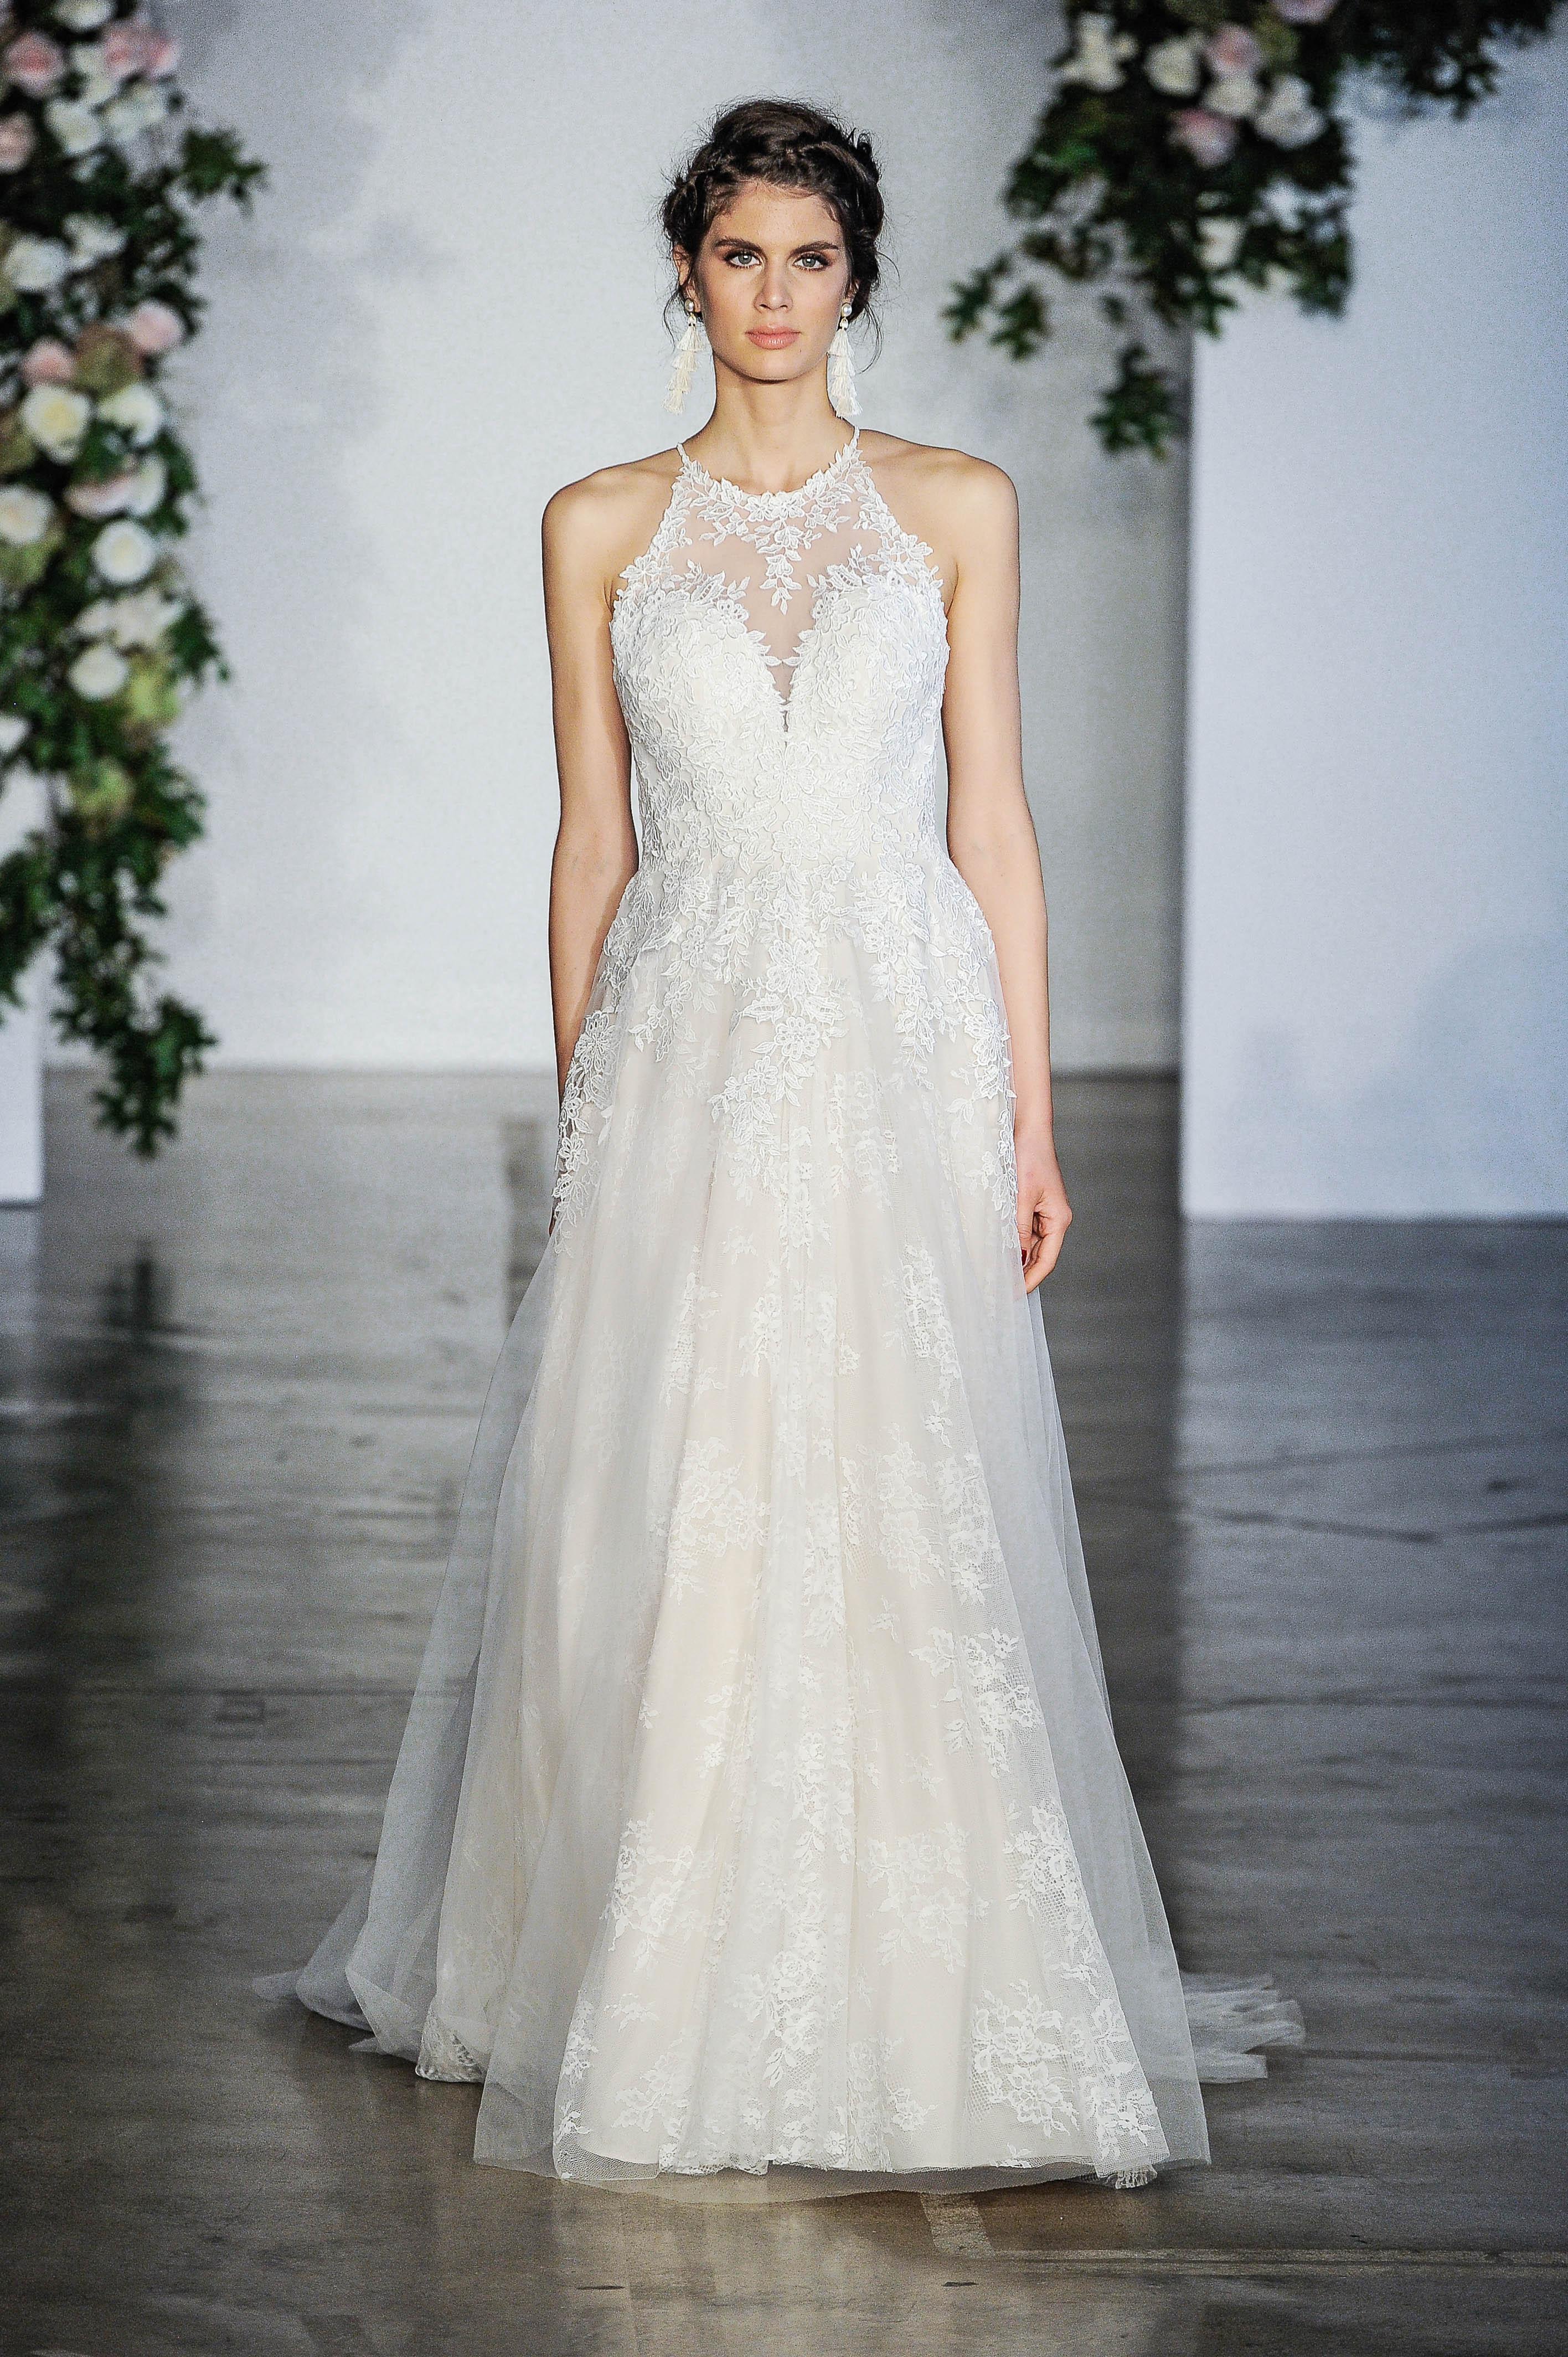 Morilee High Neck Ball Gown Wedding Dress Fall 2018